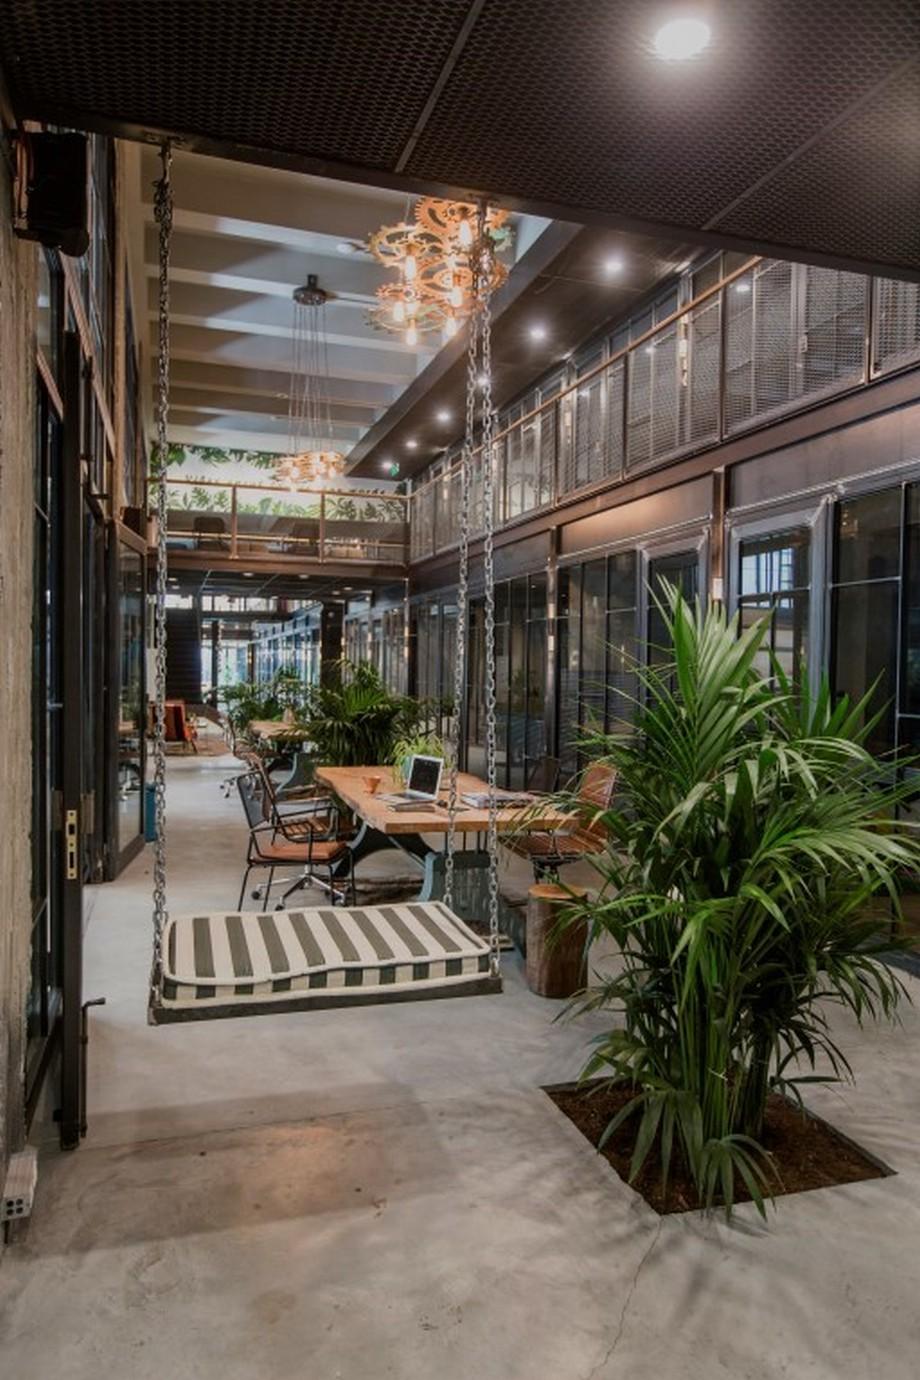 Thiết kế không gian Văn phòng thoải mái như ở nhà